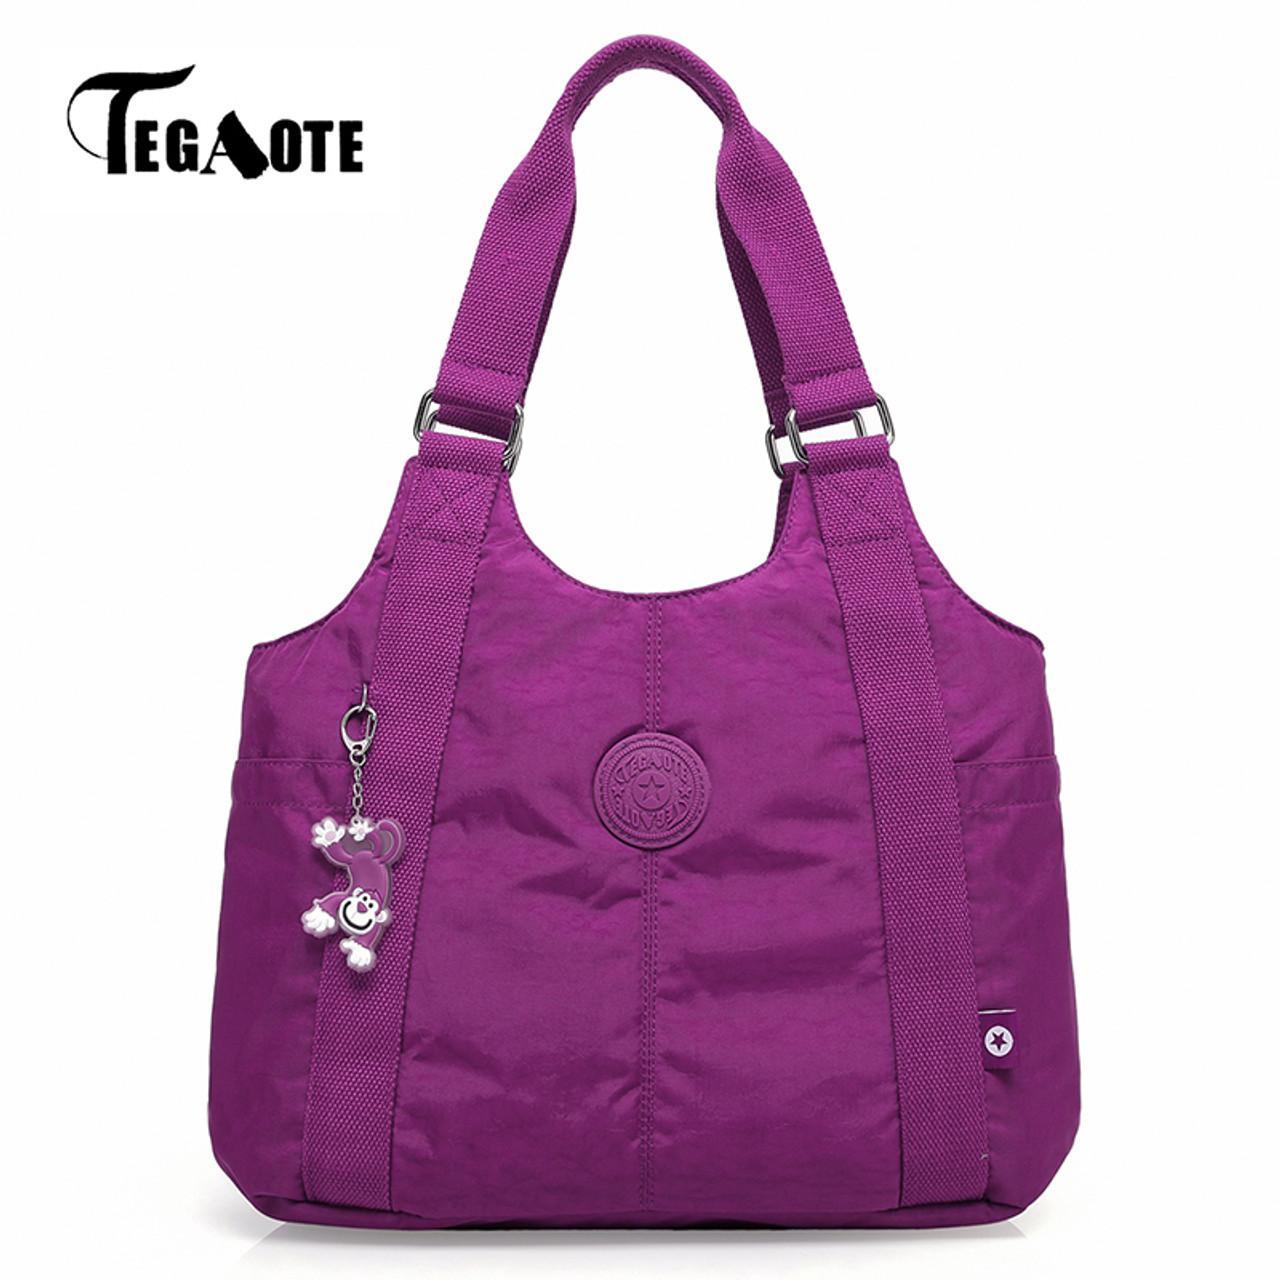 TEGAOTE Bags Women Messenger Bag Shoulder Female Bolsas Feminia Luxury Handbags  Women Bags Designer Beach Casual Tote Sac Femme - OnshopDeals.Com 8cc6a225e0